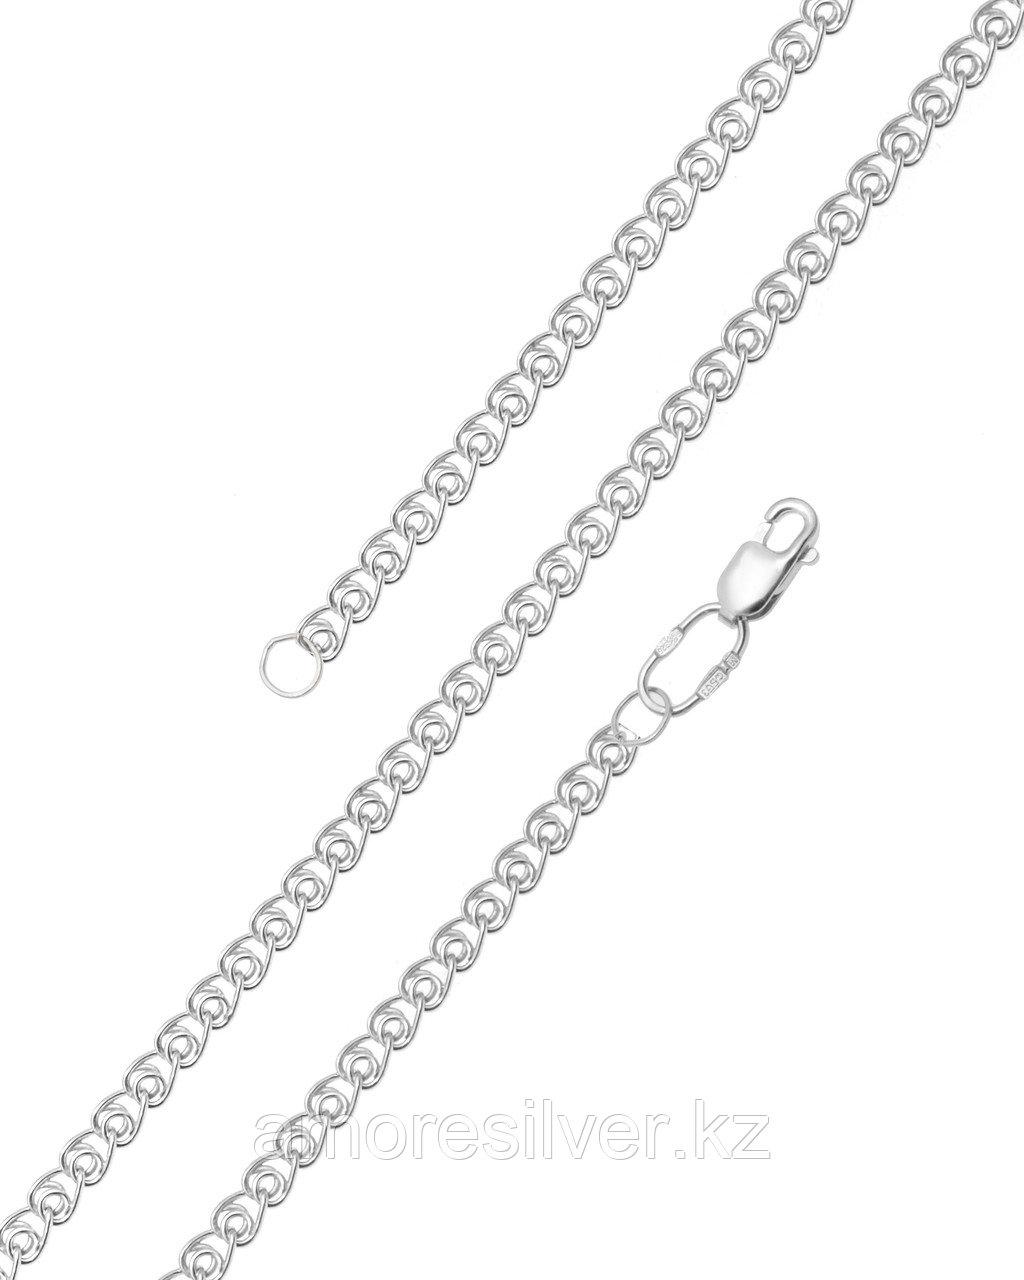 Цепь  серебро с родием 81060480150 размеры - 50